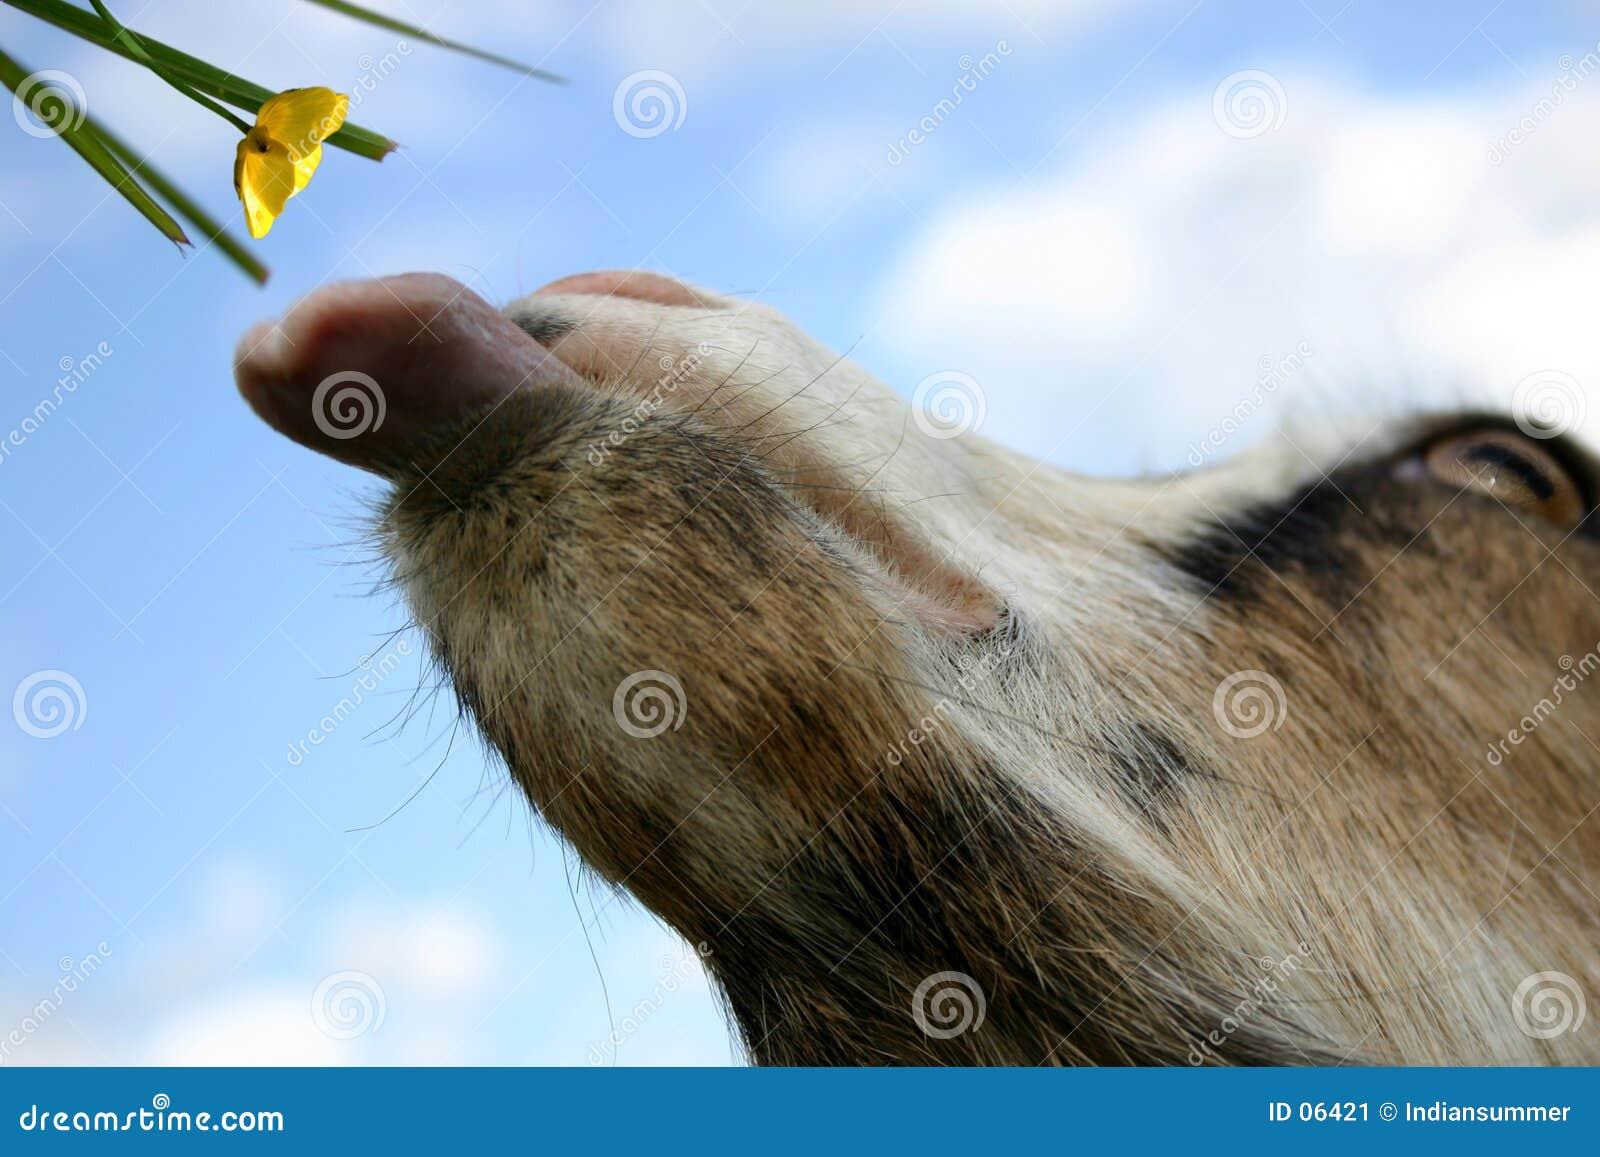 Een geit: Het is tijd te eten!